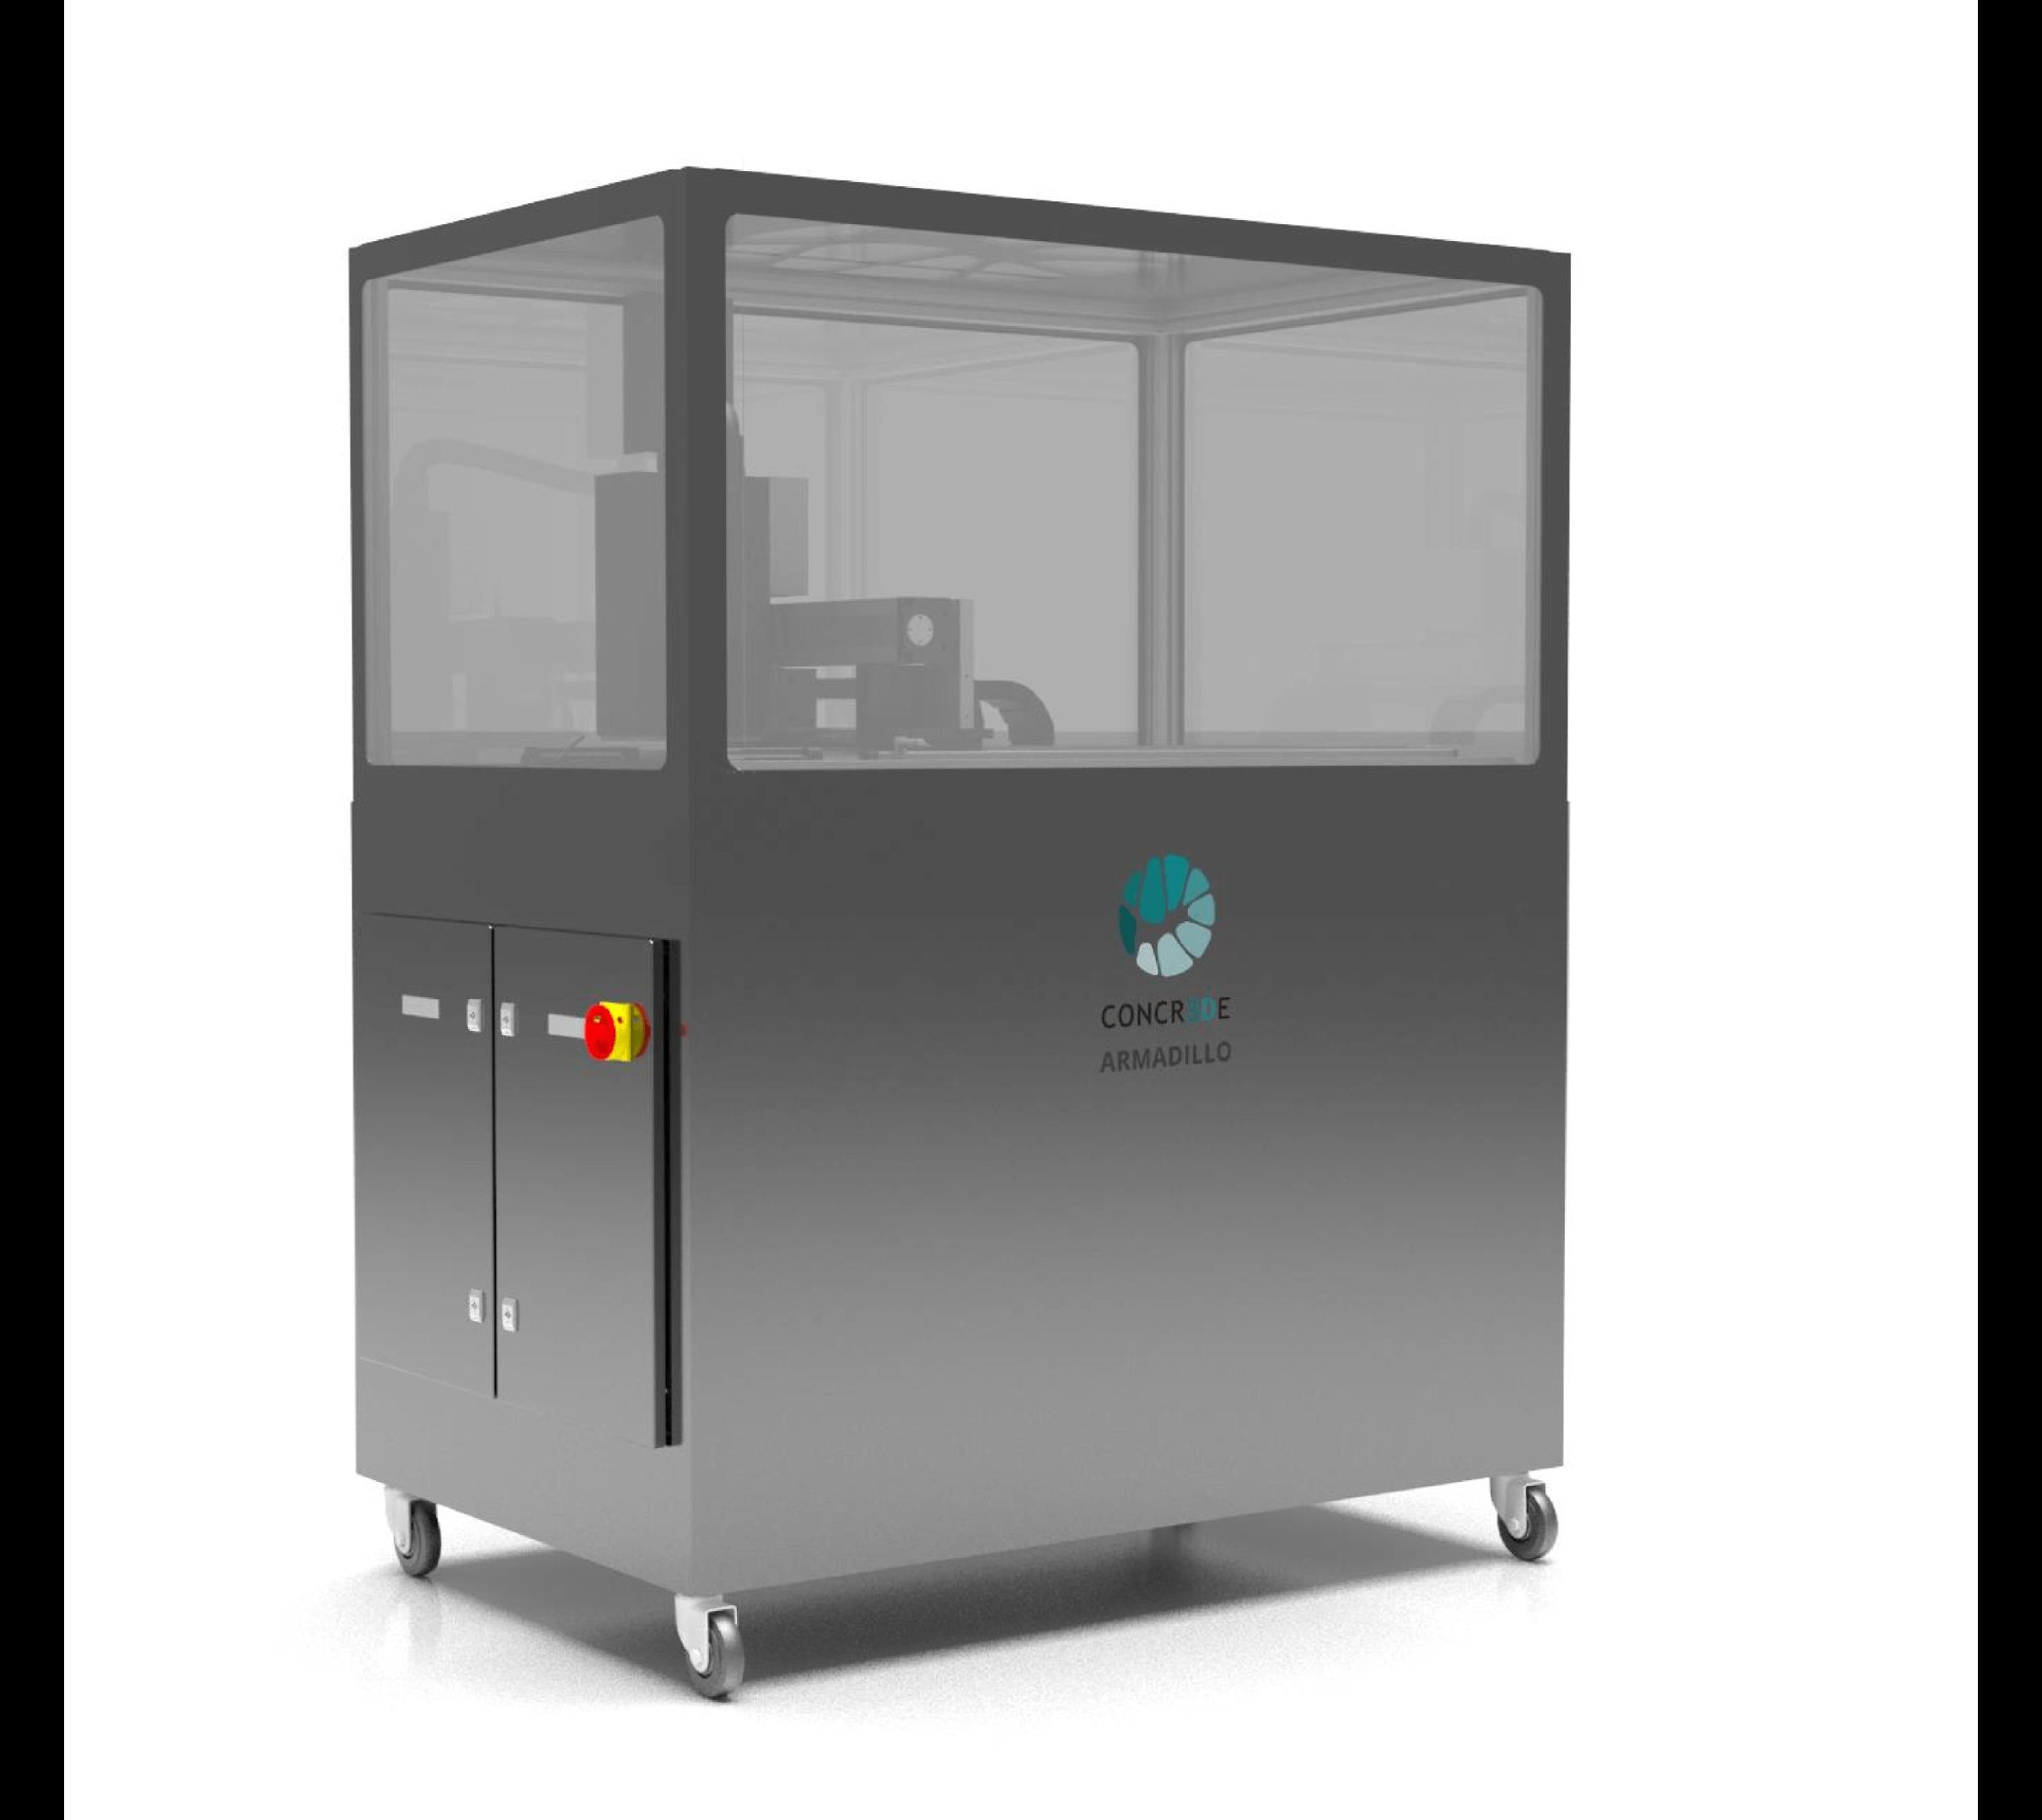 Armadillo Black CONCR3DE - 3D printers